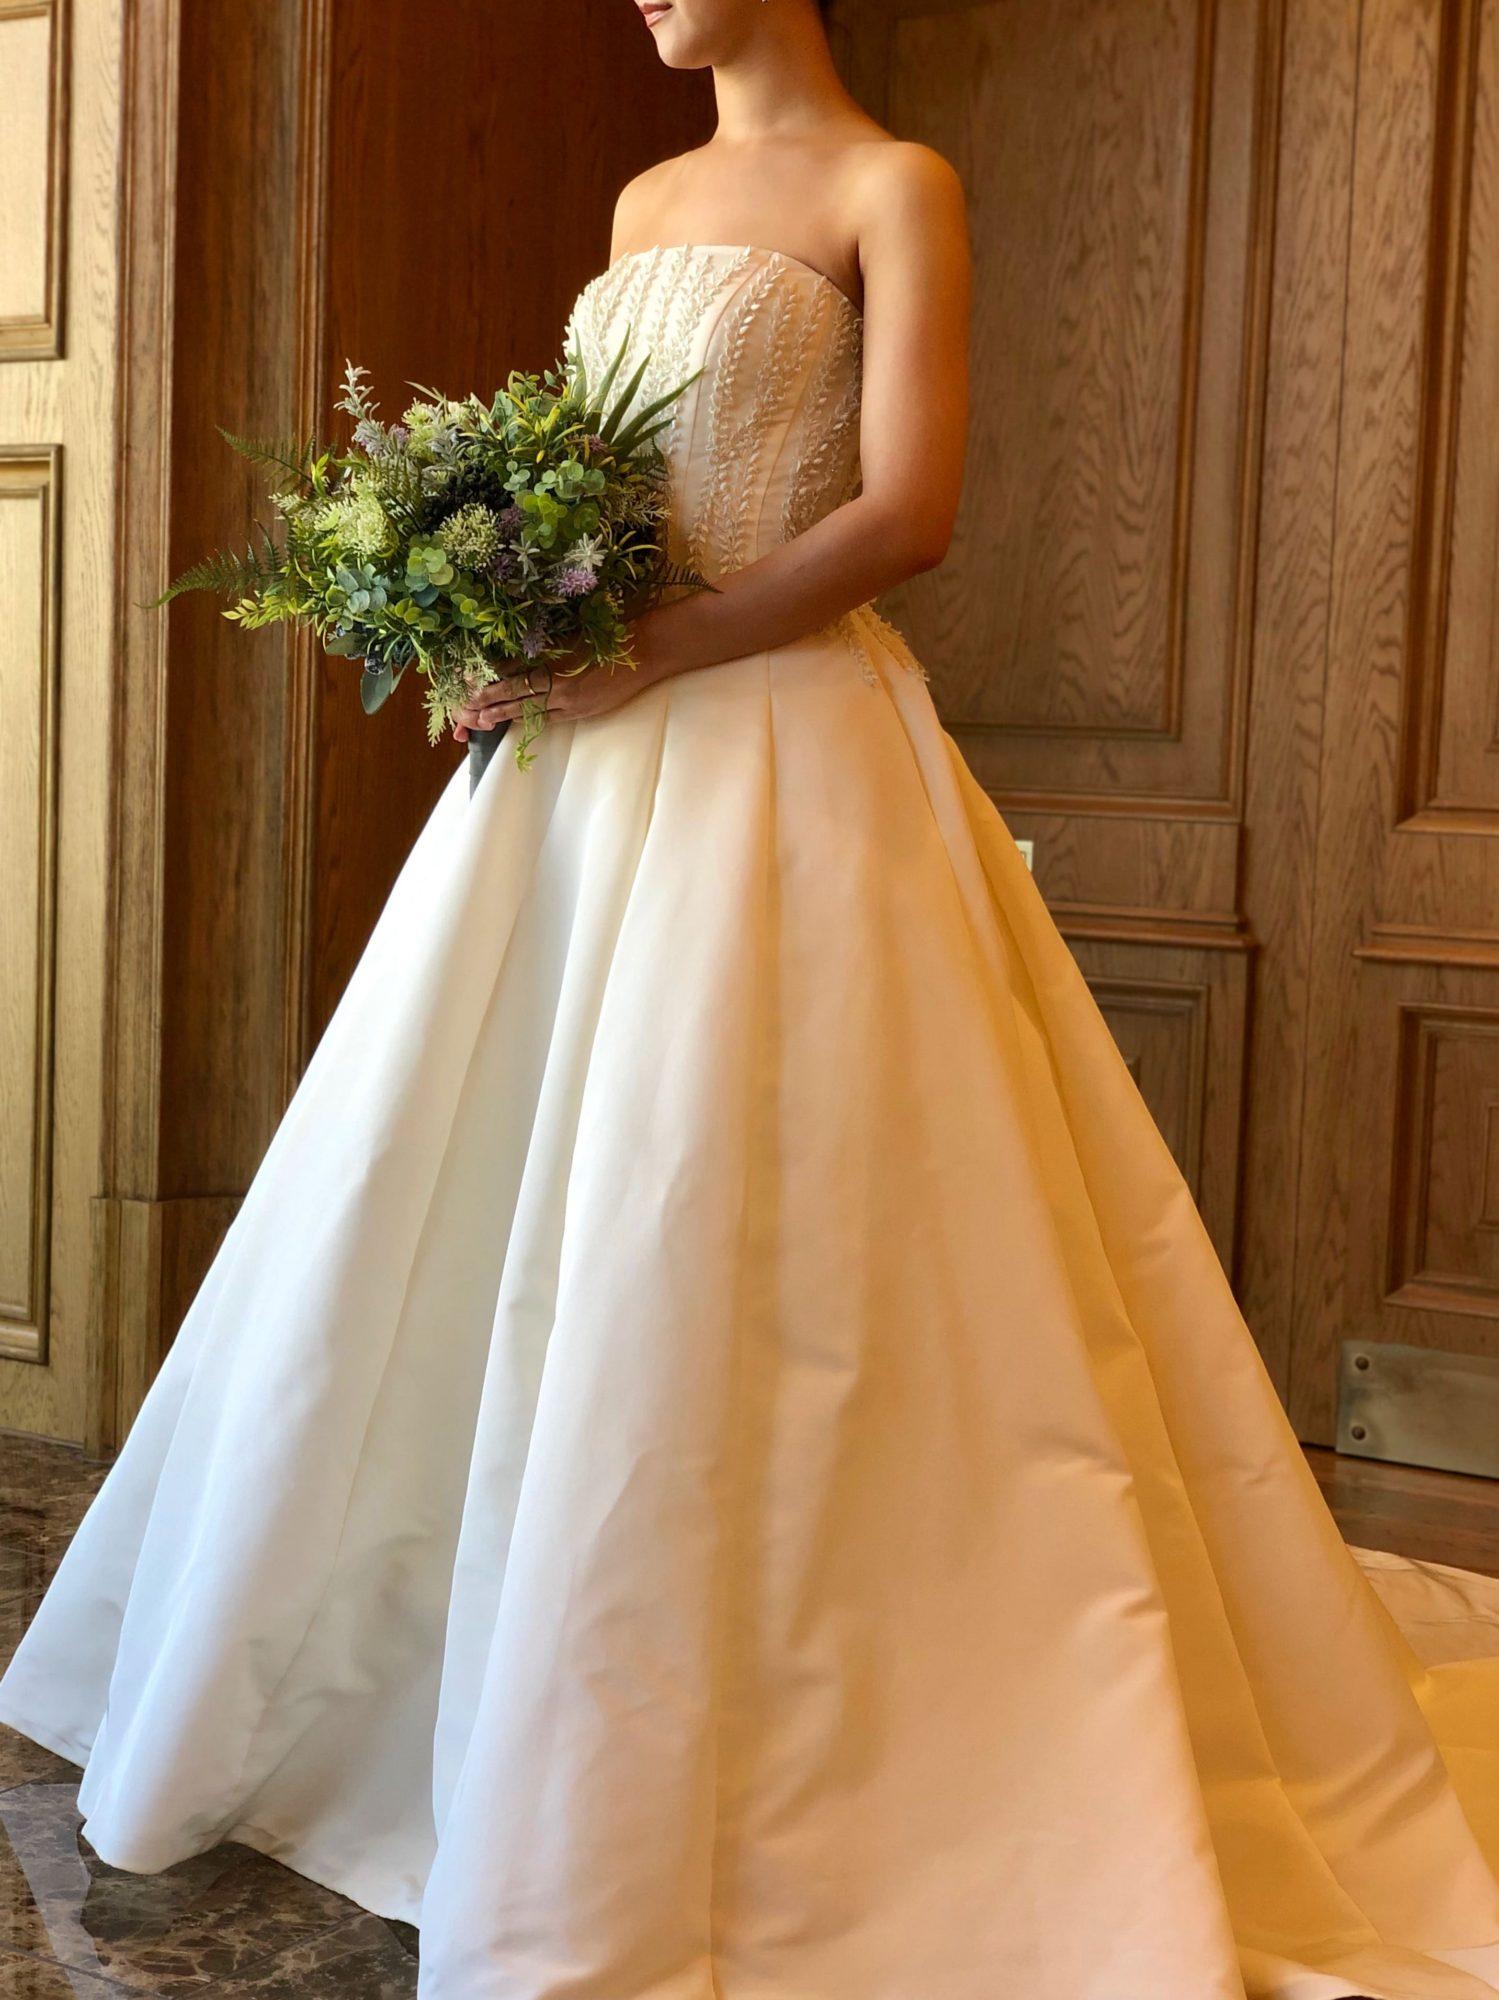 ザトリートドレッシングの人気のブランドのアムサーラの新作ウエディングドレス